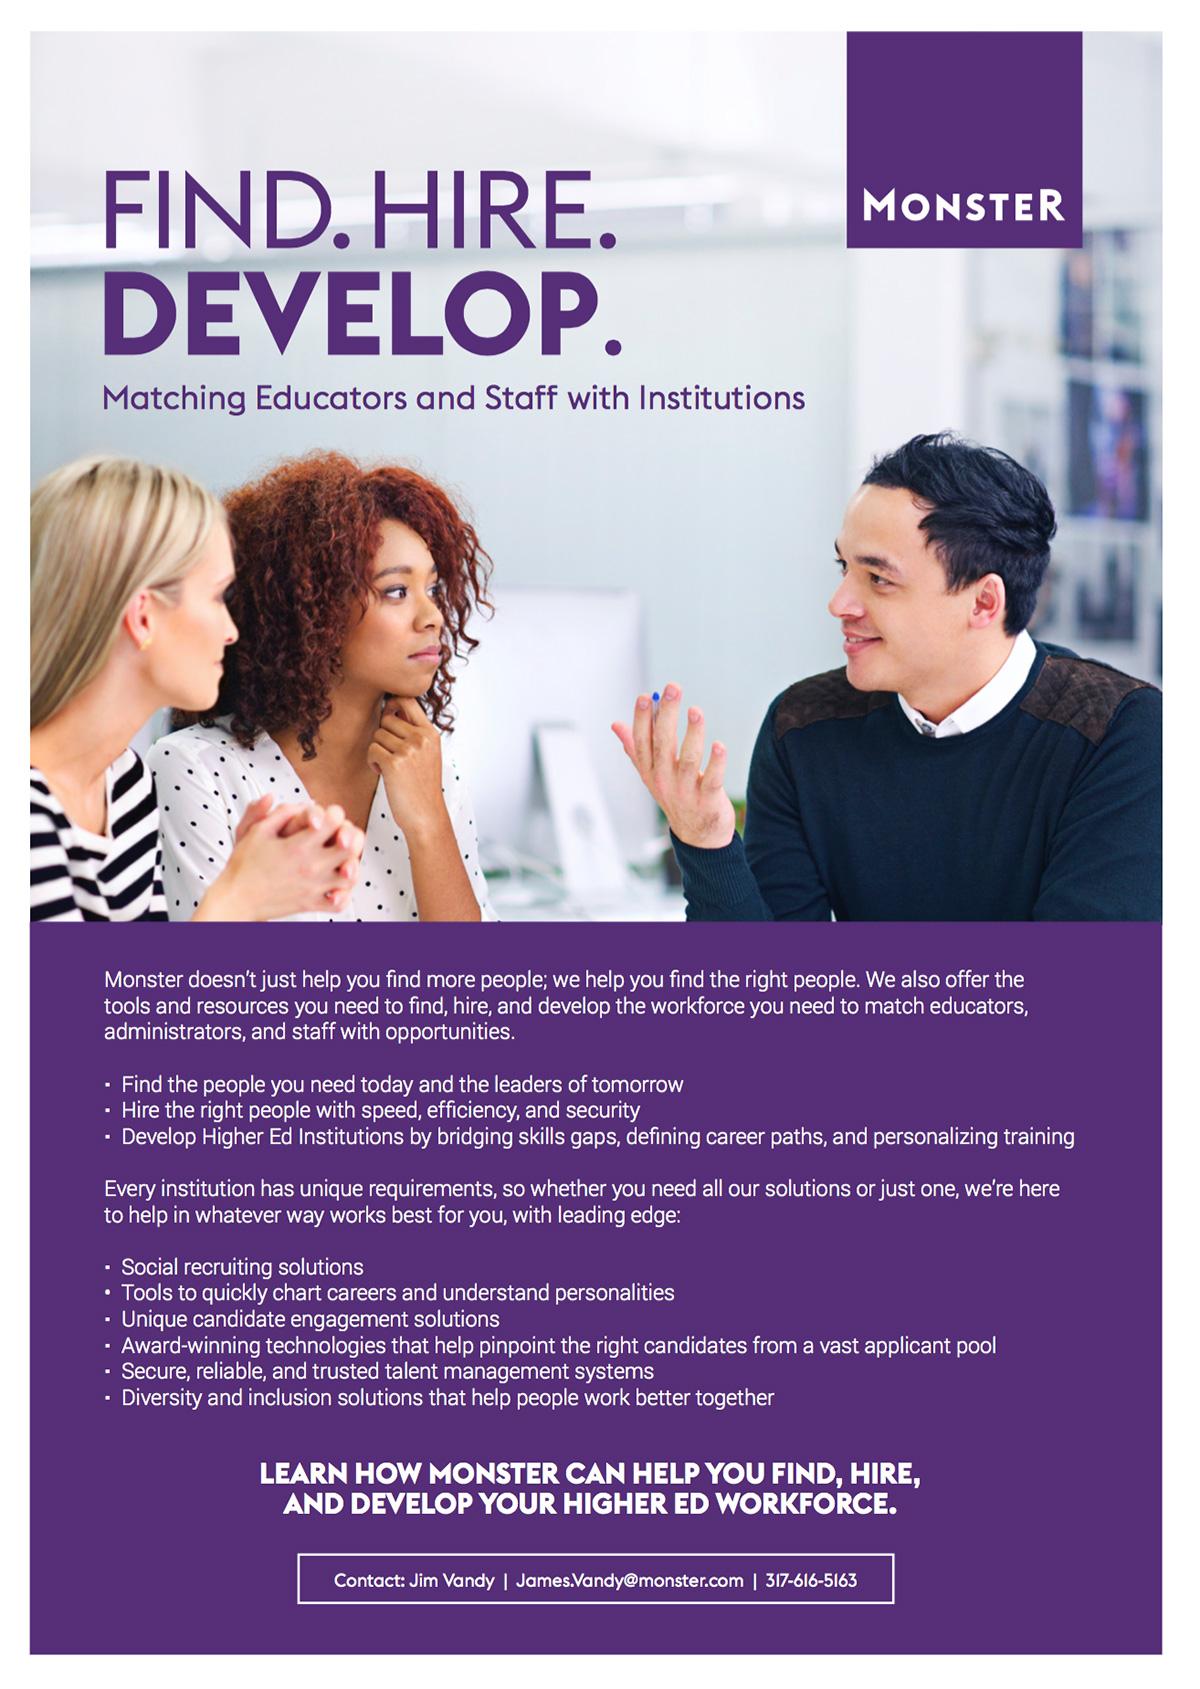 find-hire-develop